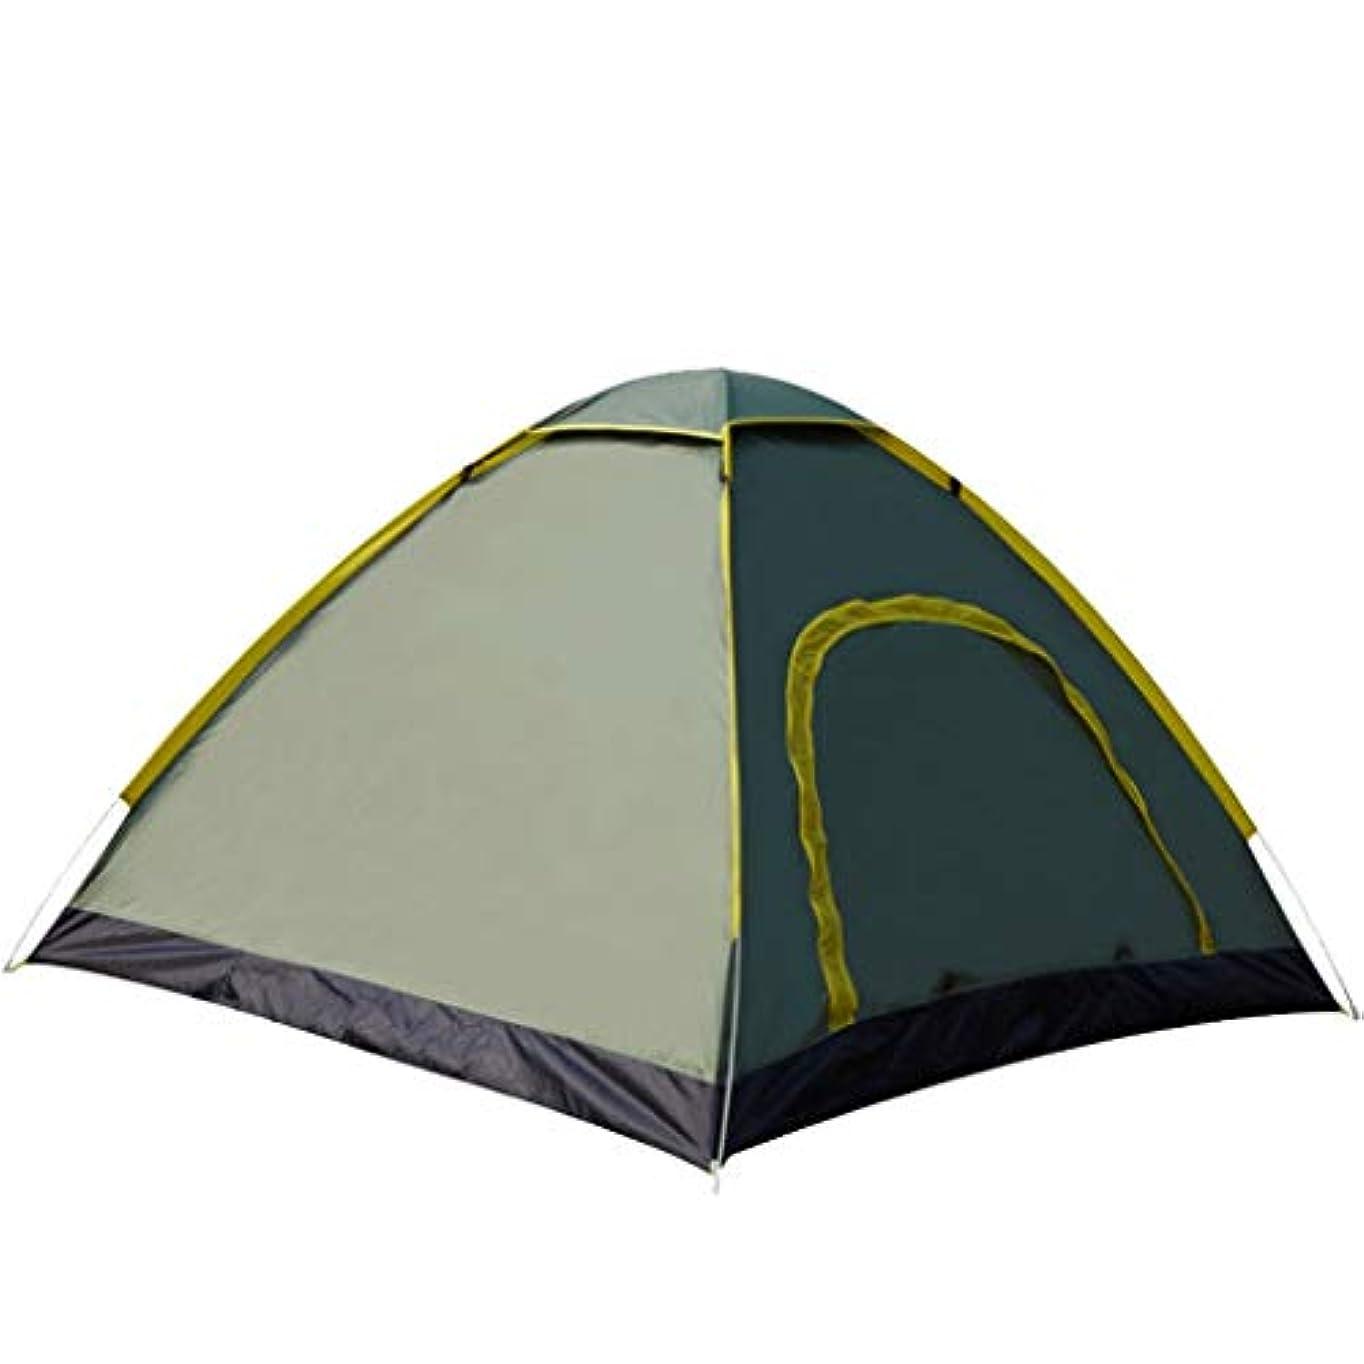 薄暗いソビエトアルバムCGH バックパッキングテント軽量3-4人用テント防水テント超軽量キャンプテントアルミポールテント用登山ハイキング旅行アウトドア3-4シーズン (色 : F4)